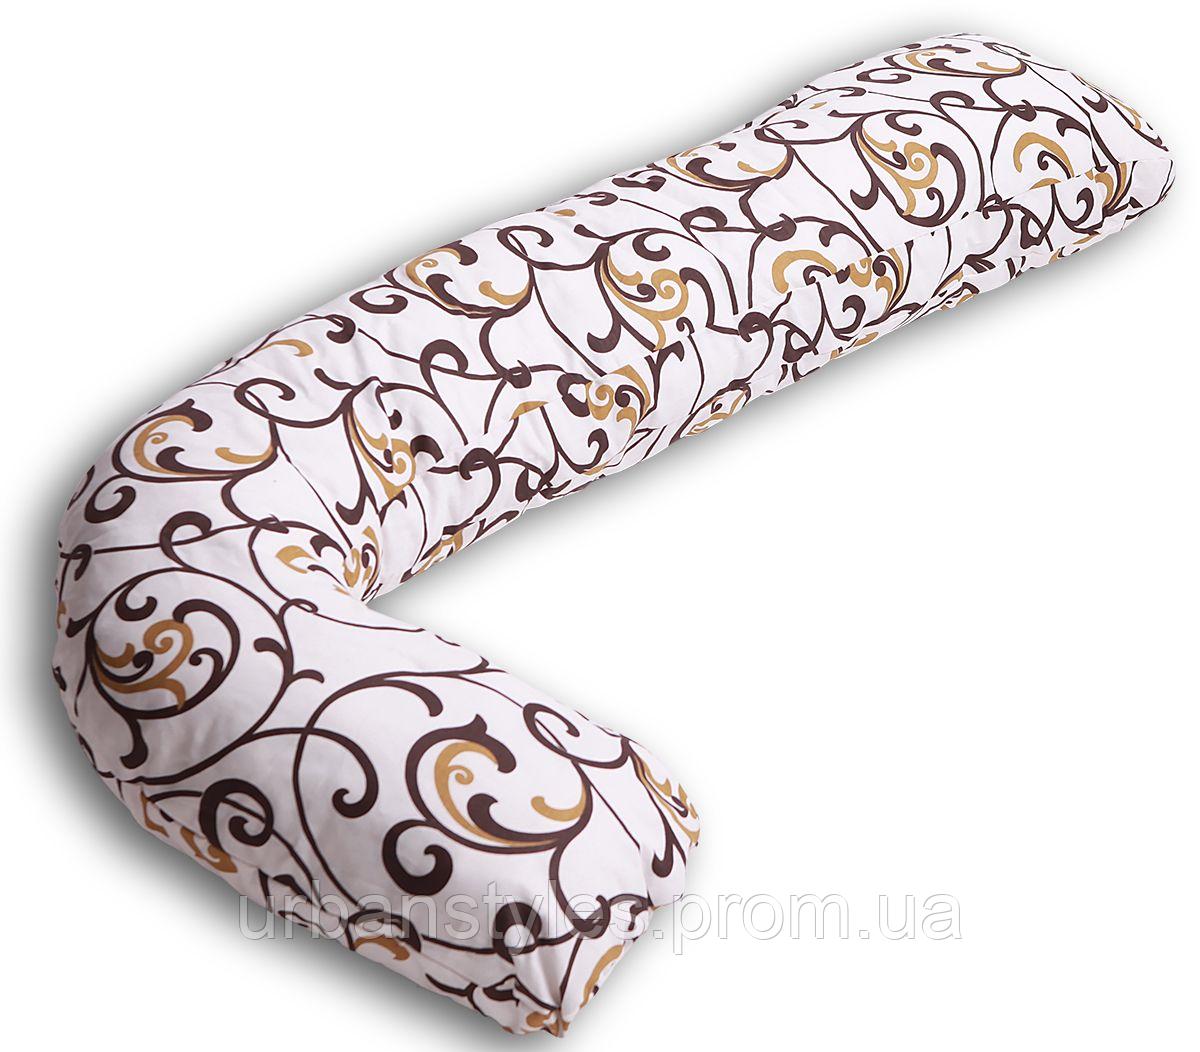 Подушка для беременных Son Г- образная 370 см, цена 350 грн., купить ... 967a36b6107